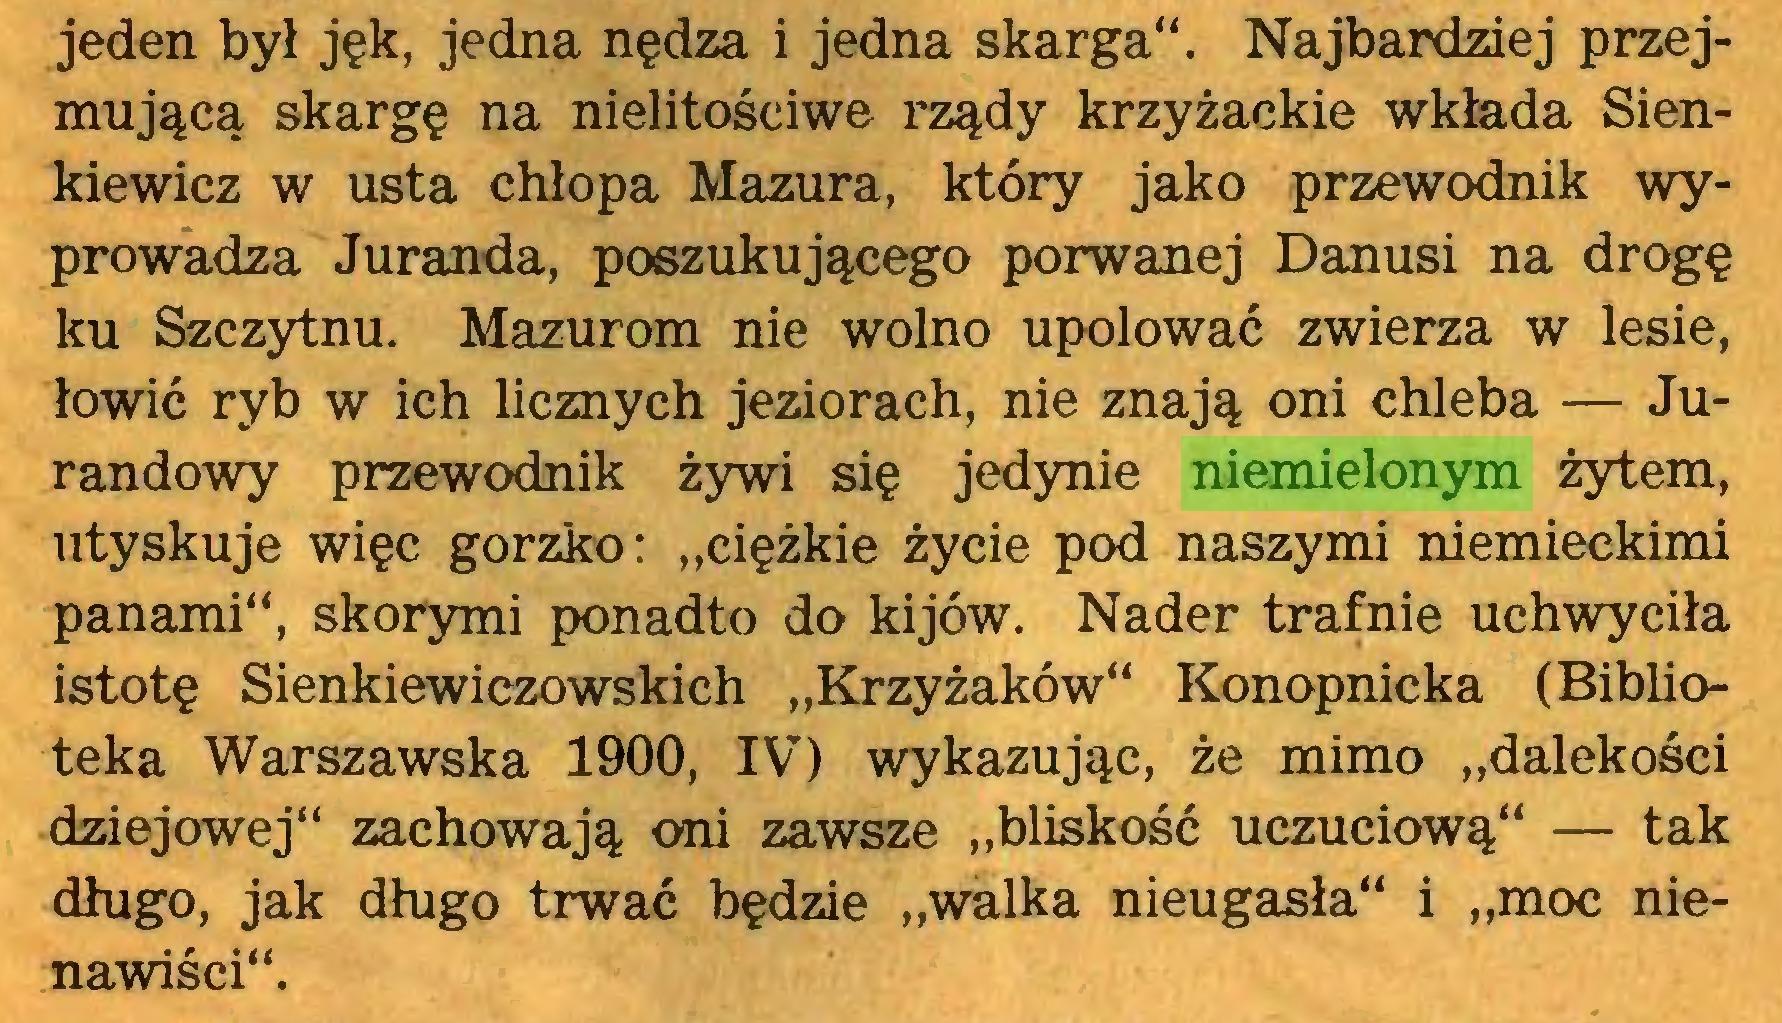 """(...) jeden był jęk, jedna nędza i jedna skarga"""". Najbardziej przejmującą skargę na nielitościwe rządy krzyżackie wkłada Sienkiewicz w usta chłopa Mazura, który jako przewodnik wyprowadza Juranda, poszukującego porwanej Danusi na drogę ku Szczytnu. Mazurom nie wolno upolować zwierza w lesie, łowić ryb w ich licznych jeziorach, nie znają oni chleba — Jurandowy przewodnik żywi się jedynie niemielonym żytem, utyskuje więc gorzko: """"ciężkie życie pod naszymi niemieckimi panami"""", skorymi ponadto do kijów. Nader trafnie uchwyciła istotę Sienkiewiczowskich """"Krzyżaków"""" Konopnicka (Biblioteka Warszawska 1900, IV) wykazując, że mimo """"dalekości dziejowej"""" zachowają oni zawsze """"bliskość uczuciową"""" — tak długo, jak długo trwać będzie """"walka nieugasła"""" i """"moc nienawiści""""..."""